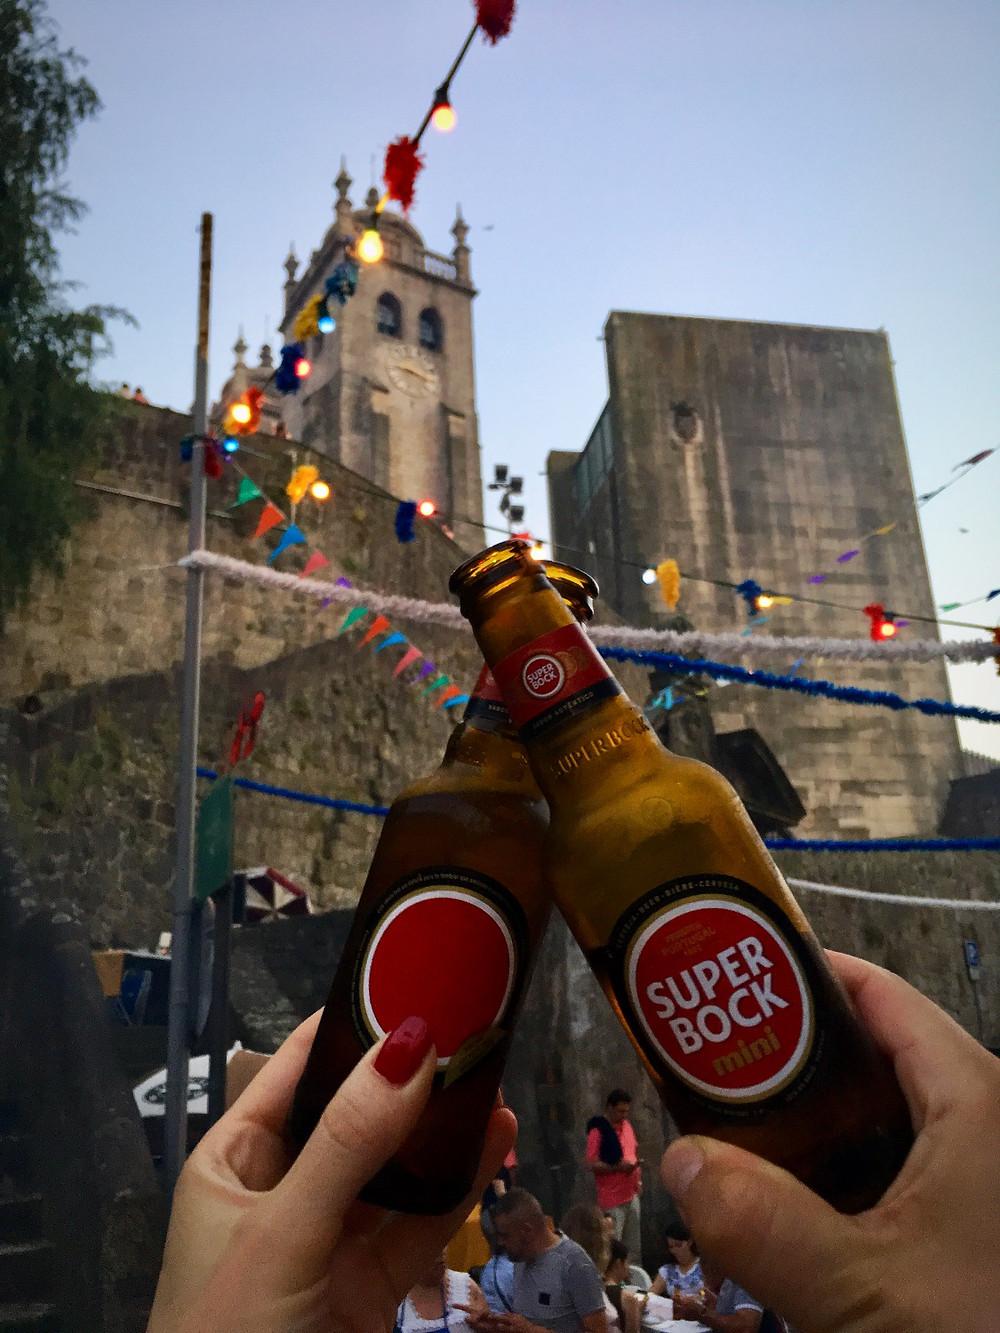 Super Bock at Festa São João in Porto